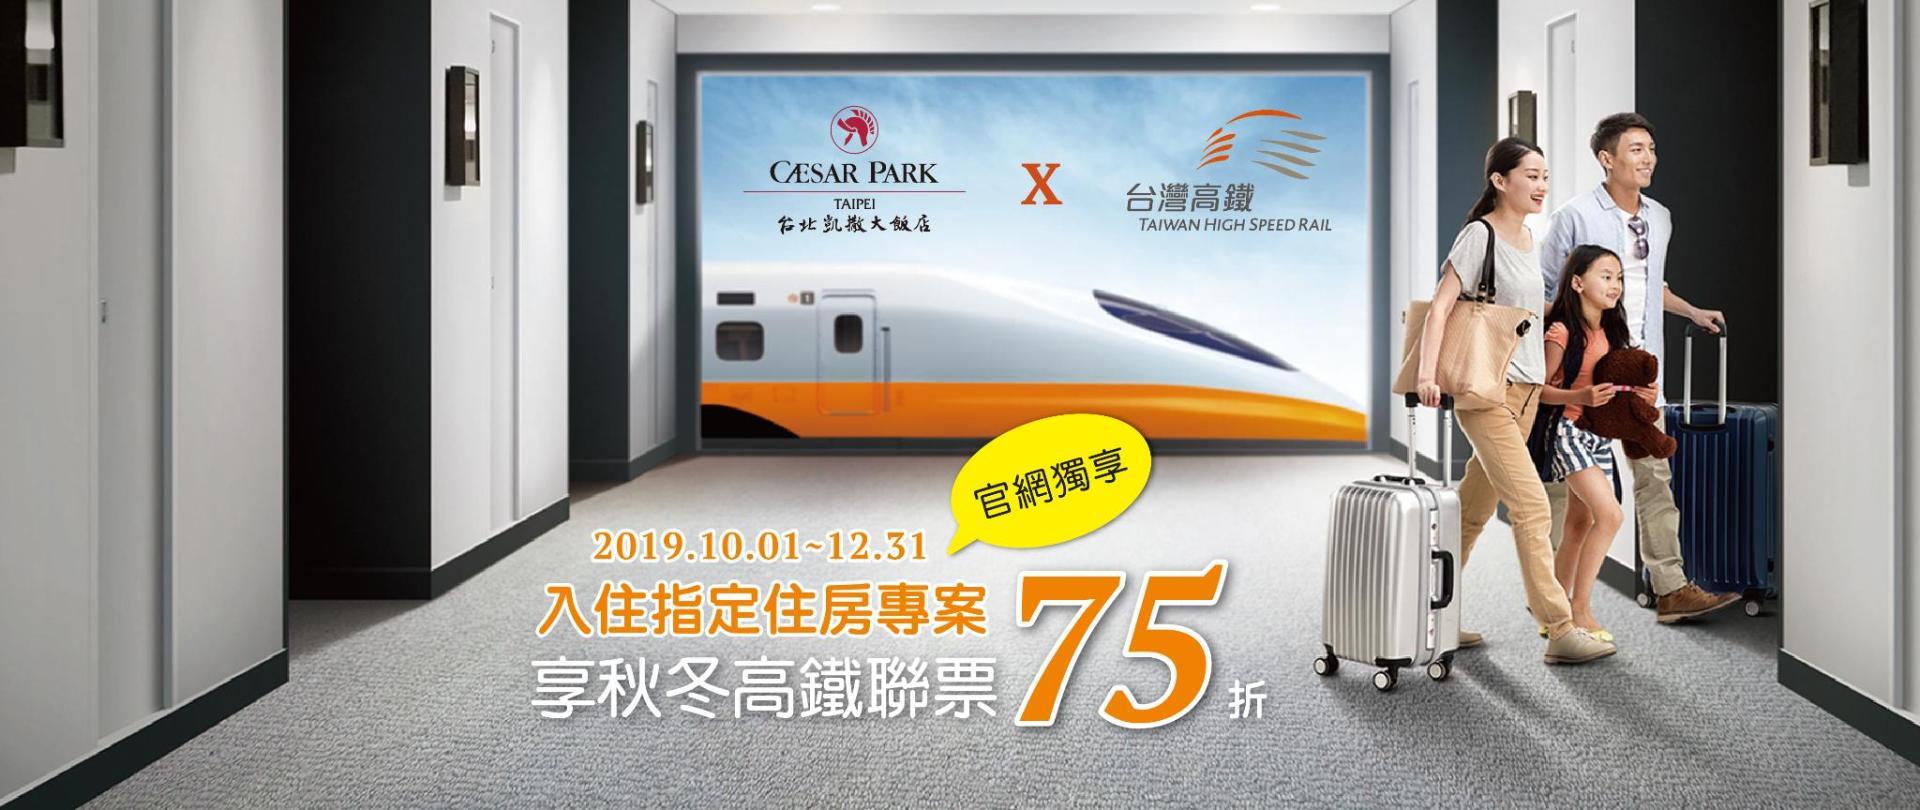 Slide Show1920X810_2019高鐵10-12月聯票-0830-1.jpg